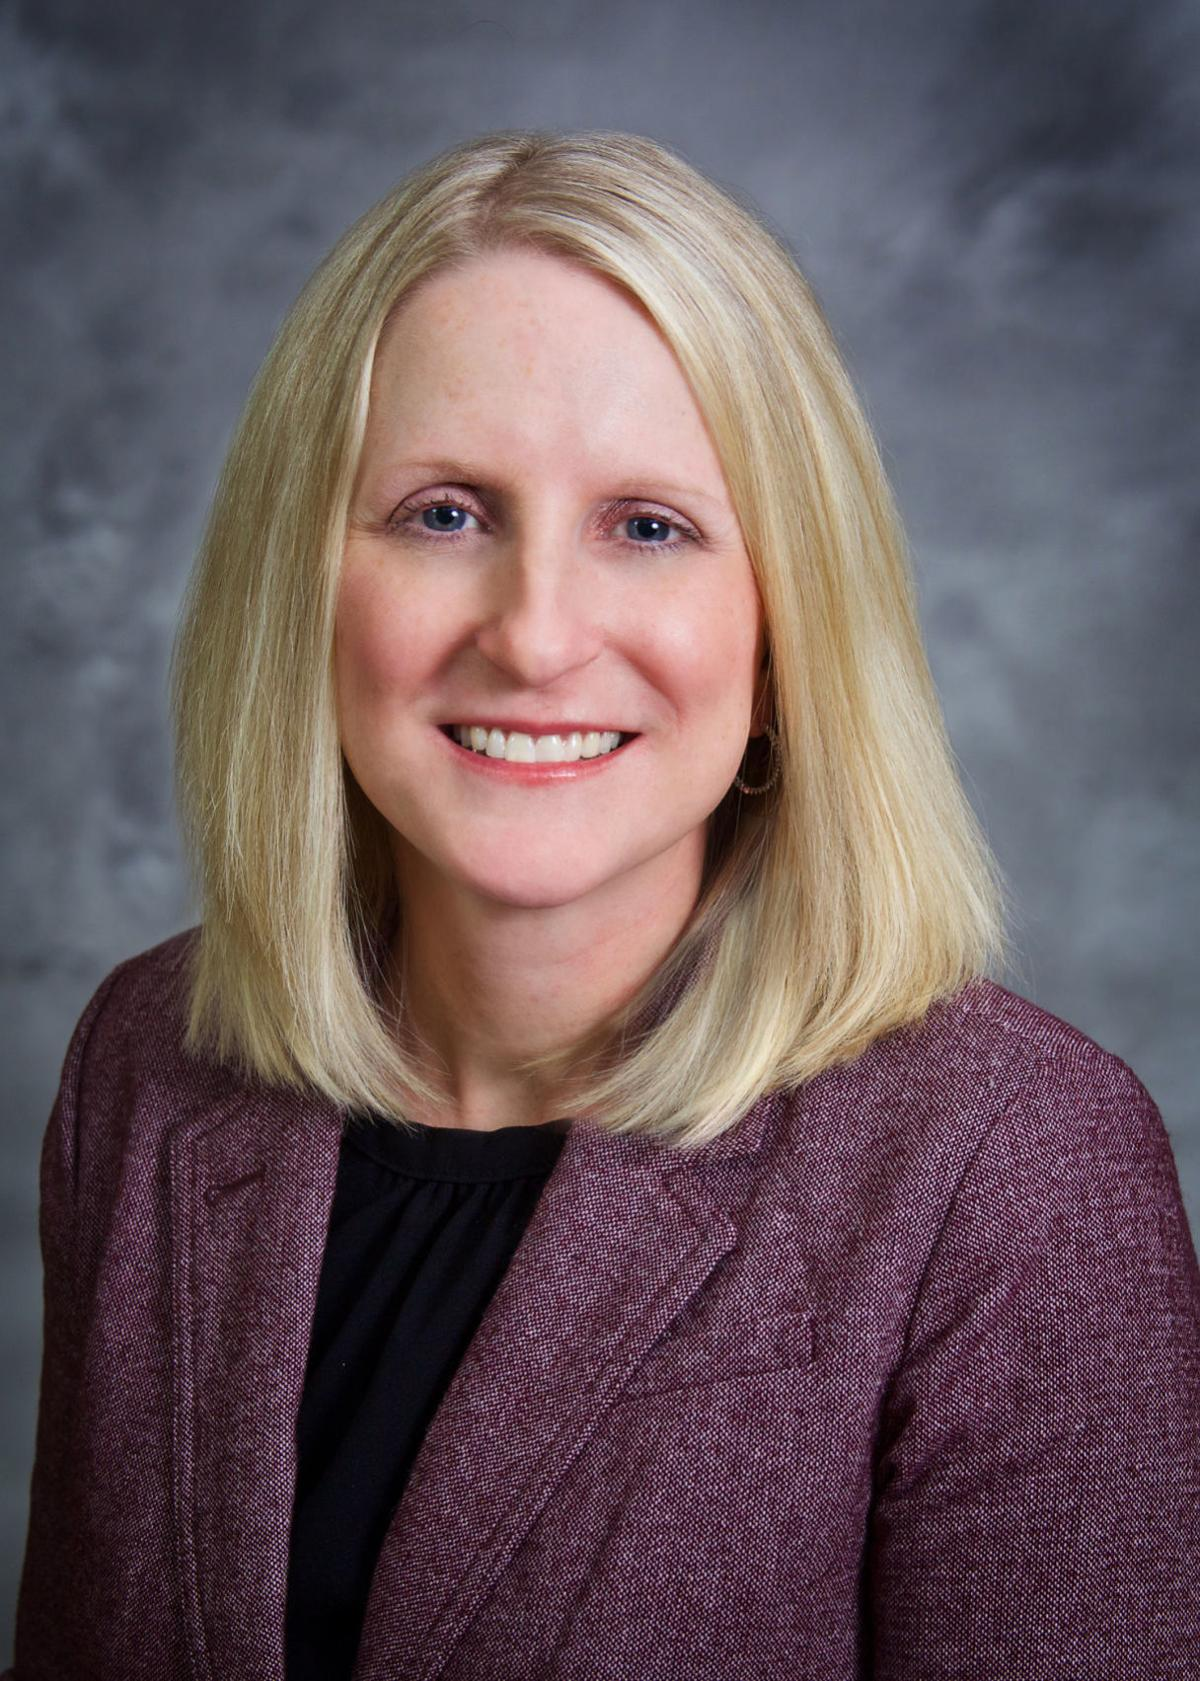 Julie Gernetzke